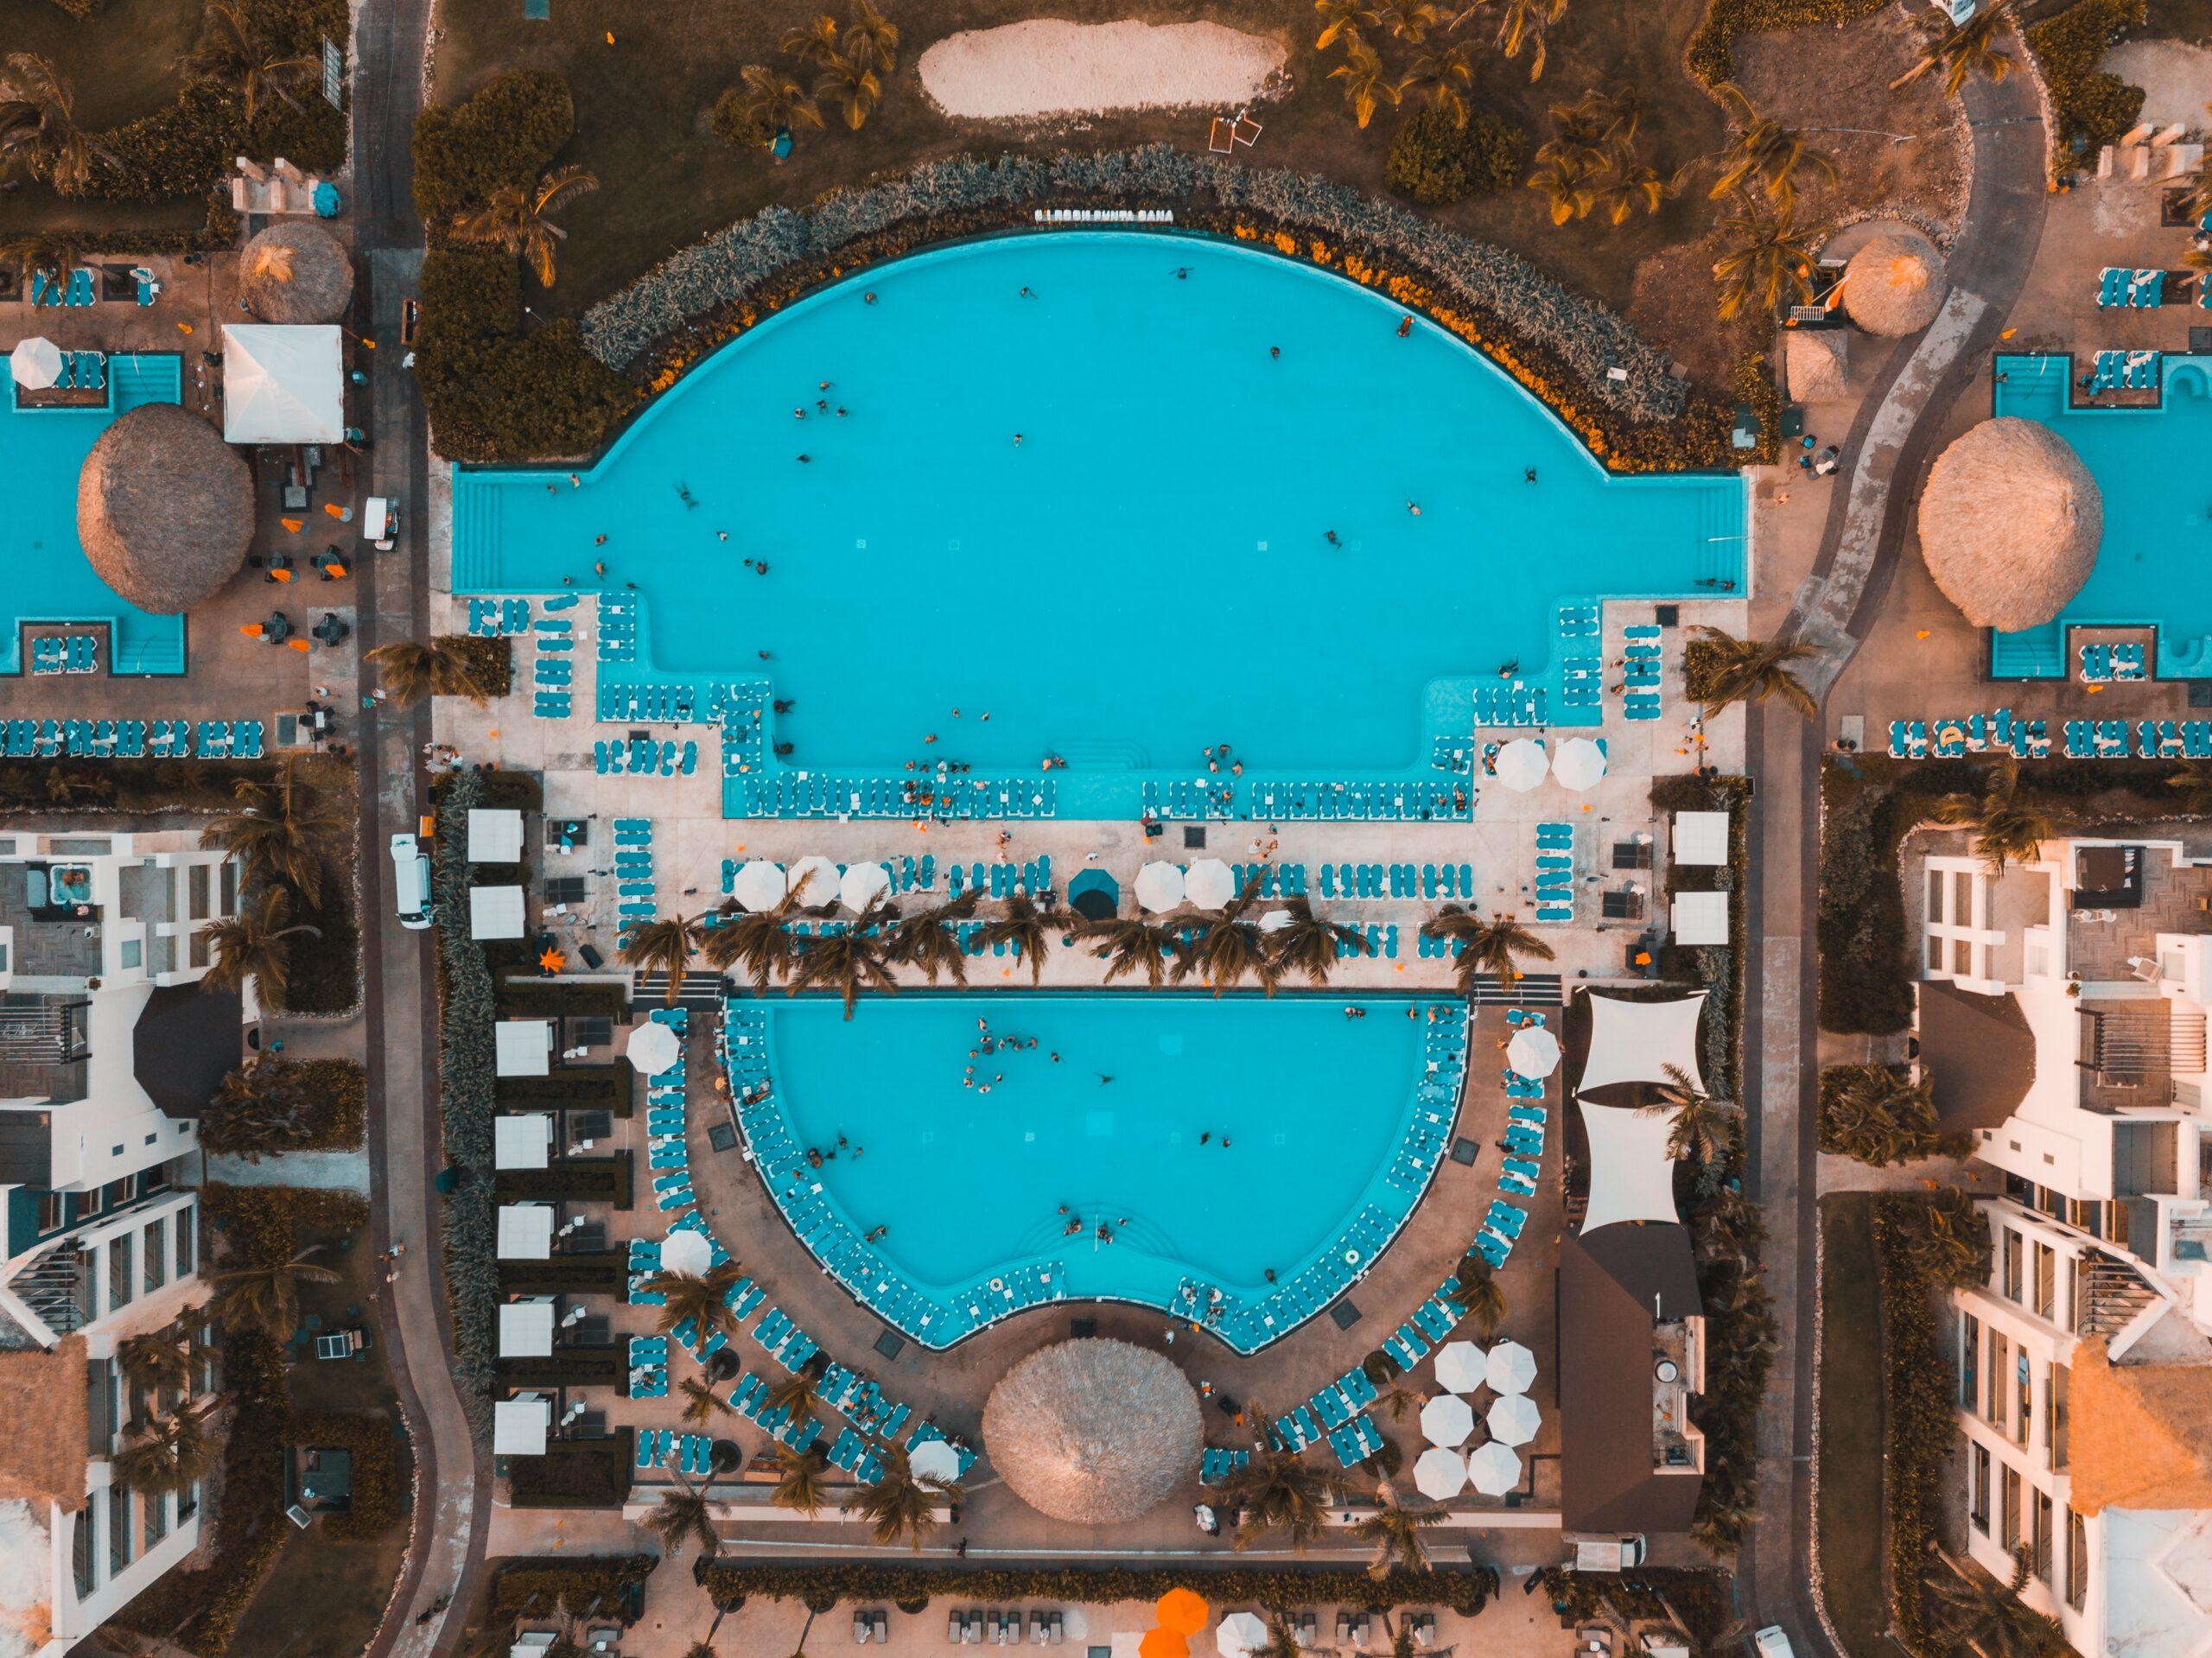 Imagen de la noticia Implementación de procesos de producción más limpia en pequeños hoteles de Pedernales